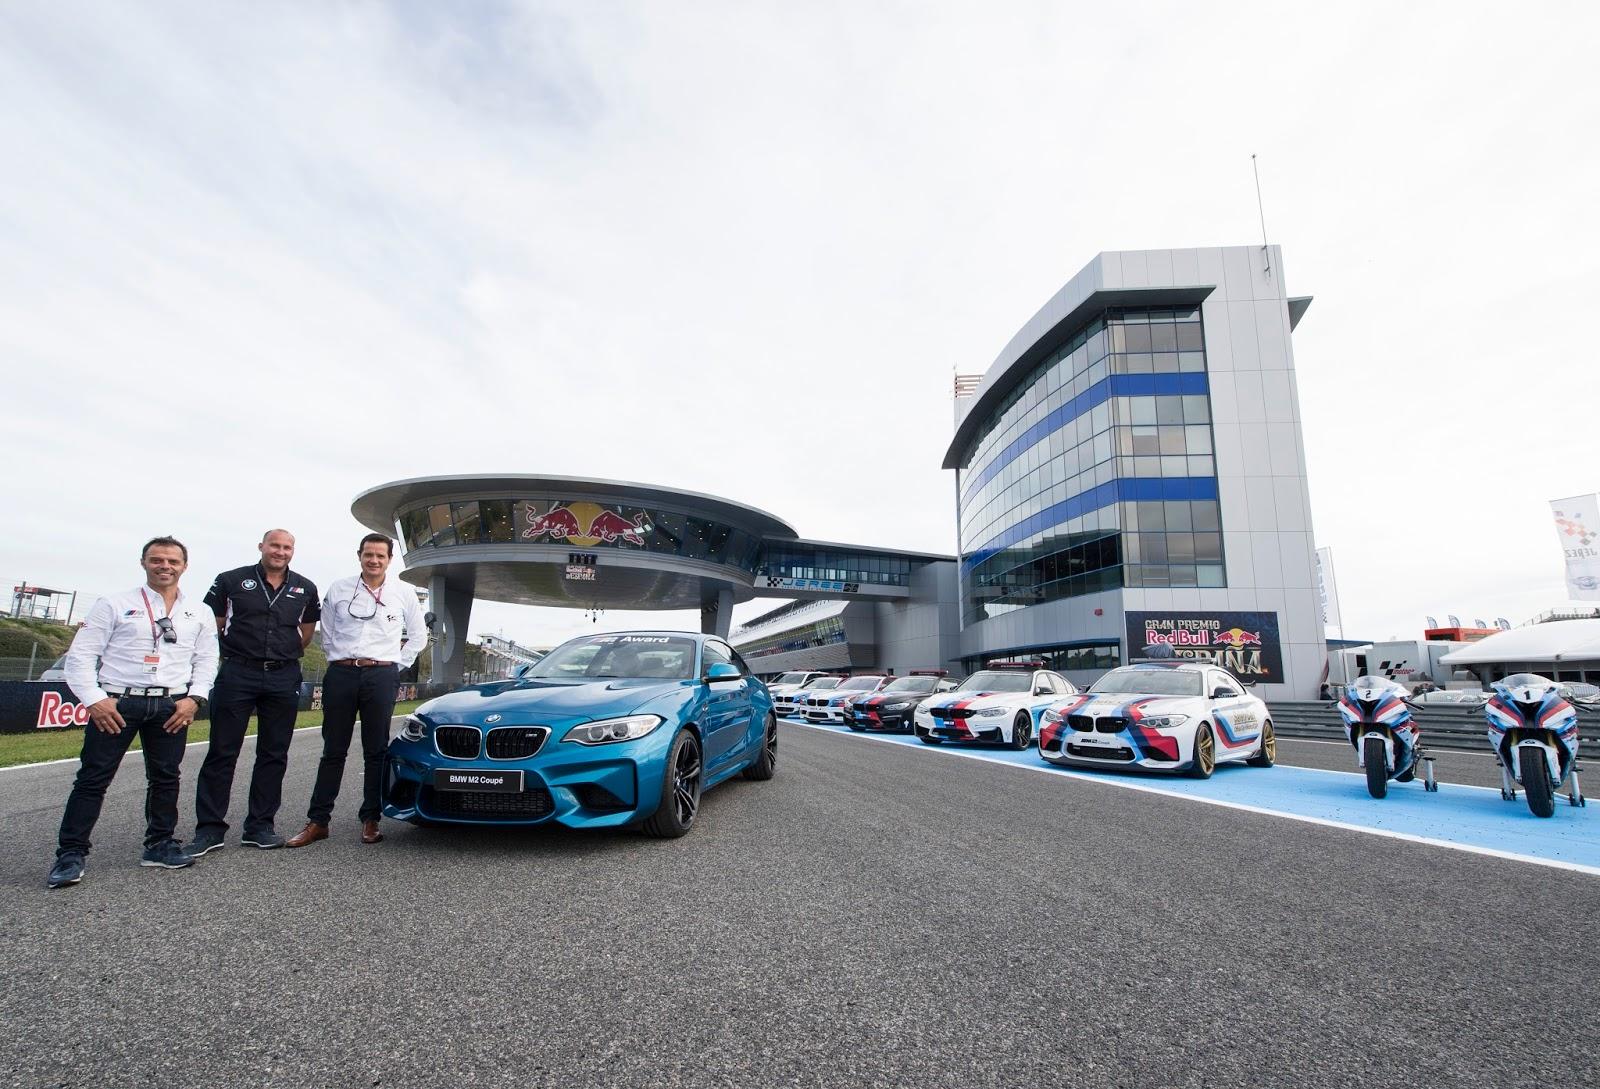 P90216937 highRes 2016 bmw m award lor Μια BMW M2 Coupé το έπαθλο για τον ταχύτερο στις κατατακτήριες δοκιμές στο MotoGP™ BMW M, BMW M Performance, BMW M2, MotoGP, Safety Car